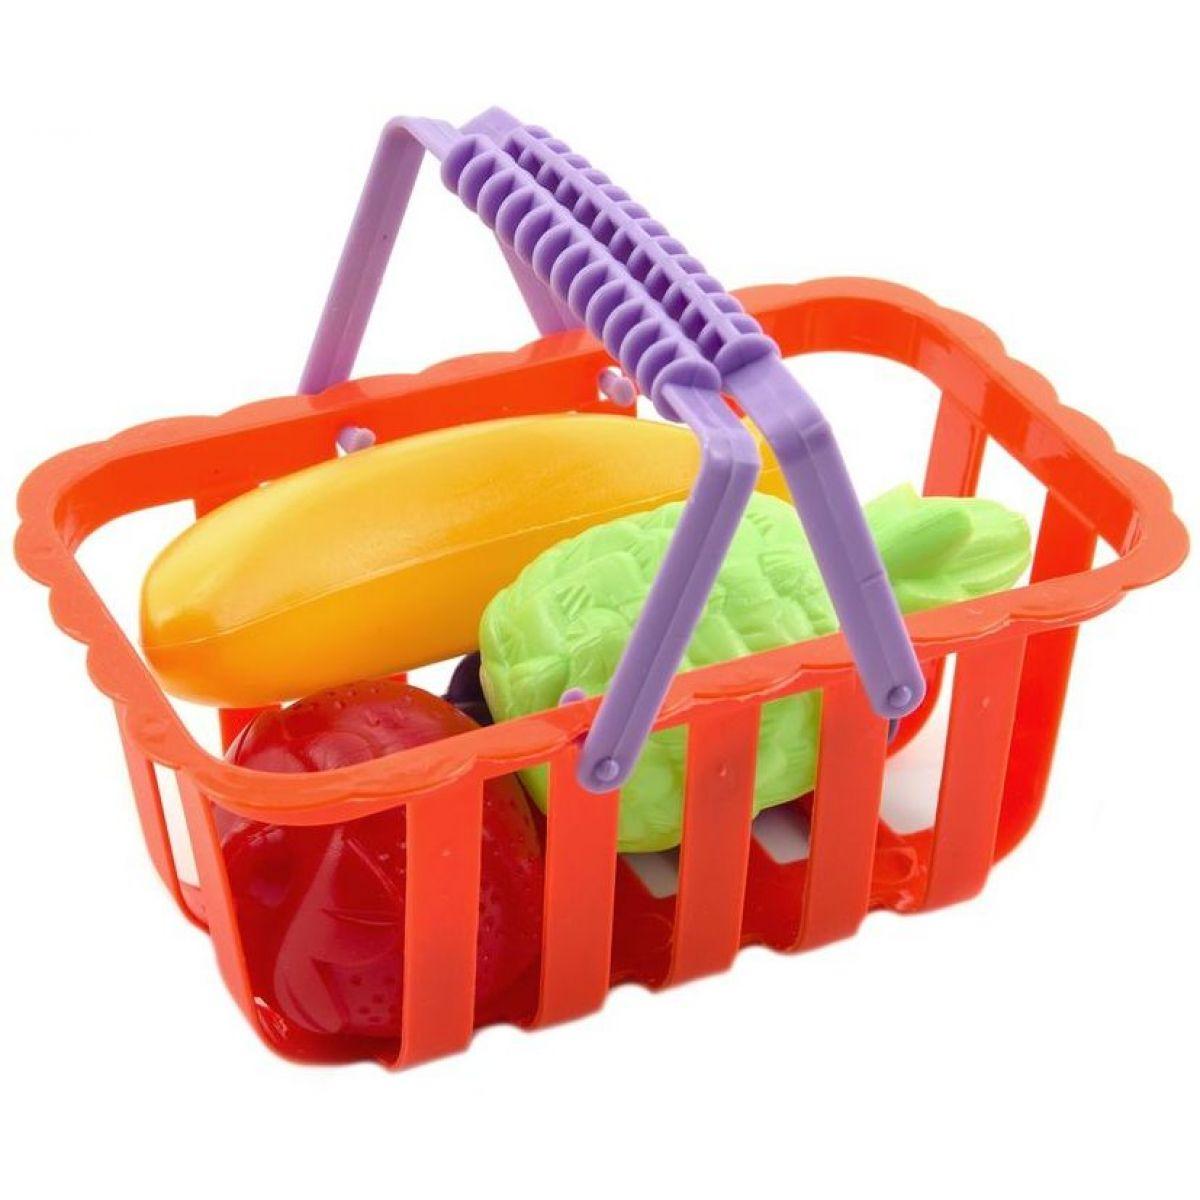 Košík s ovocím nebo zeleninou